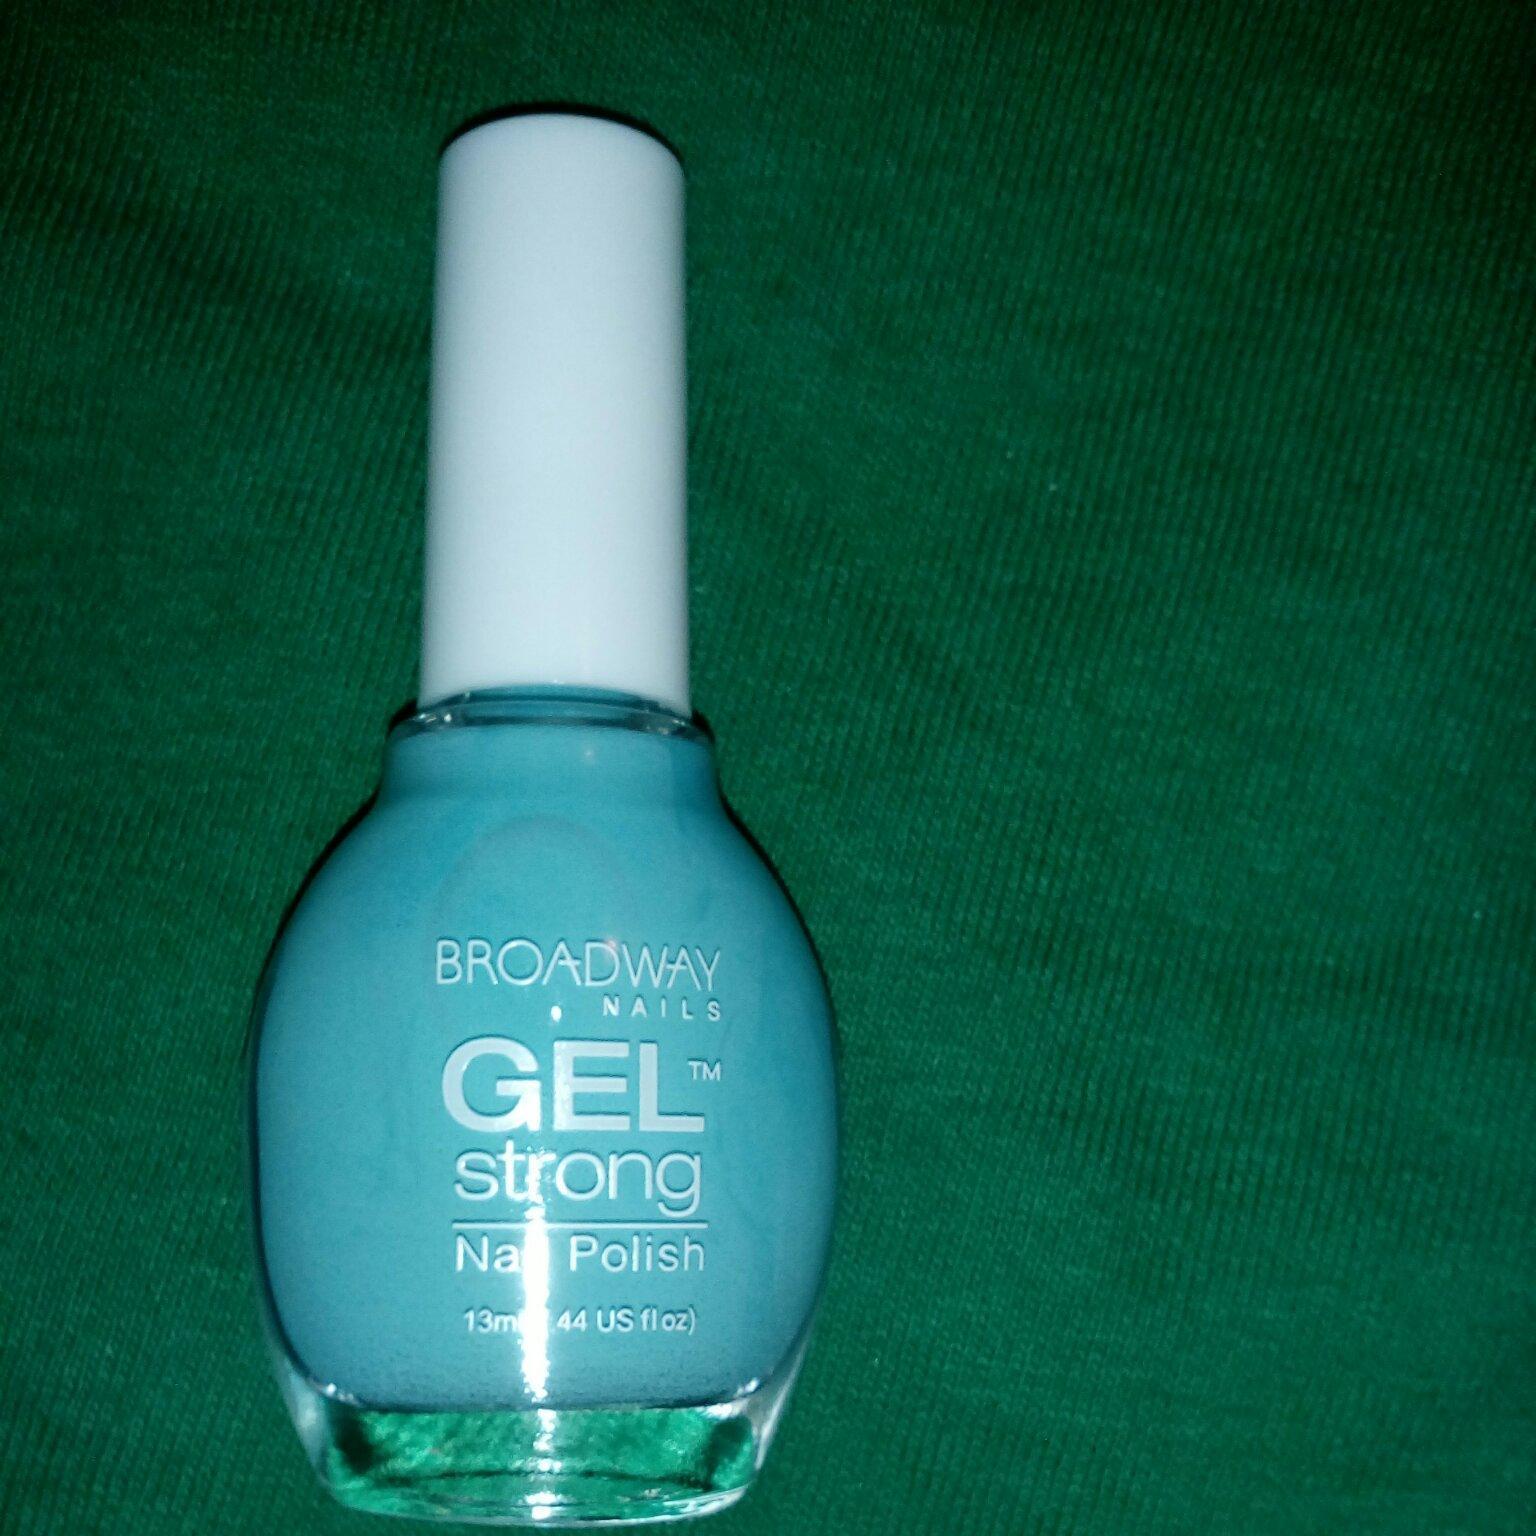 broadway nails gel strong nail polish photo - 1